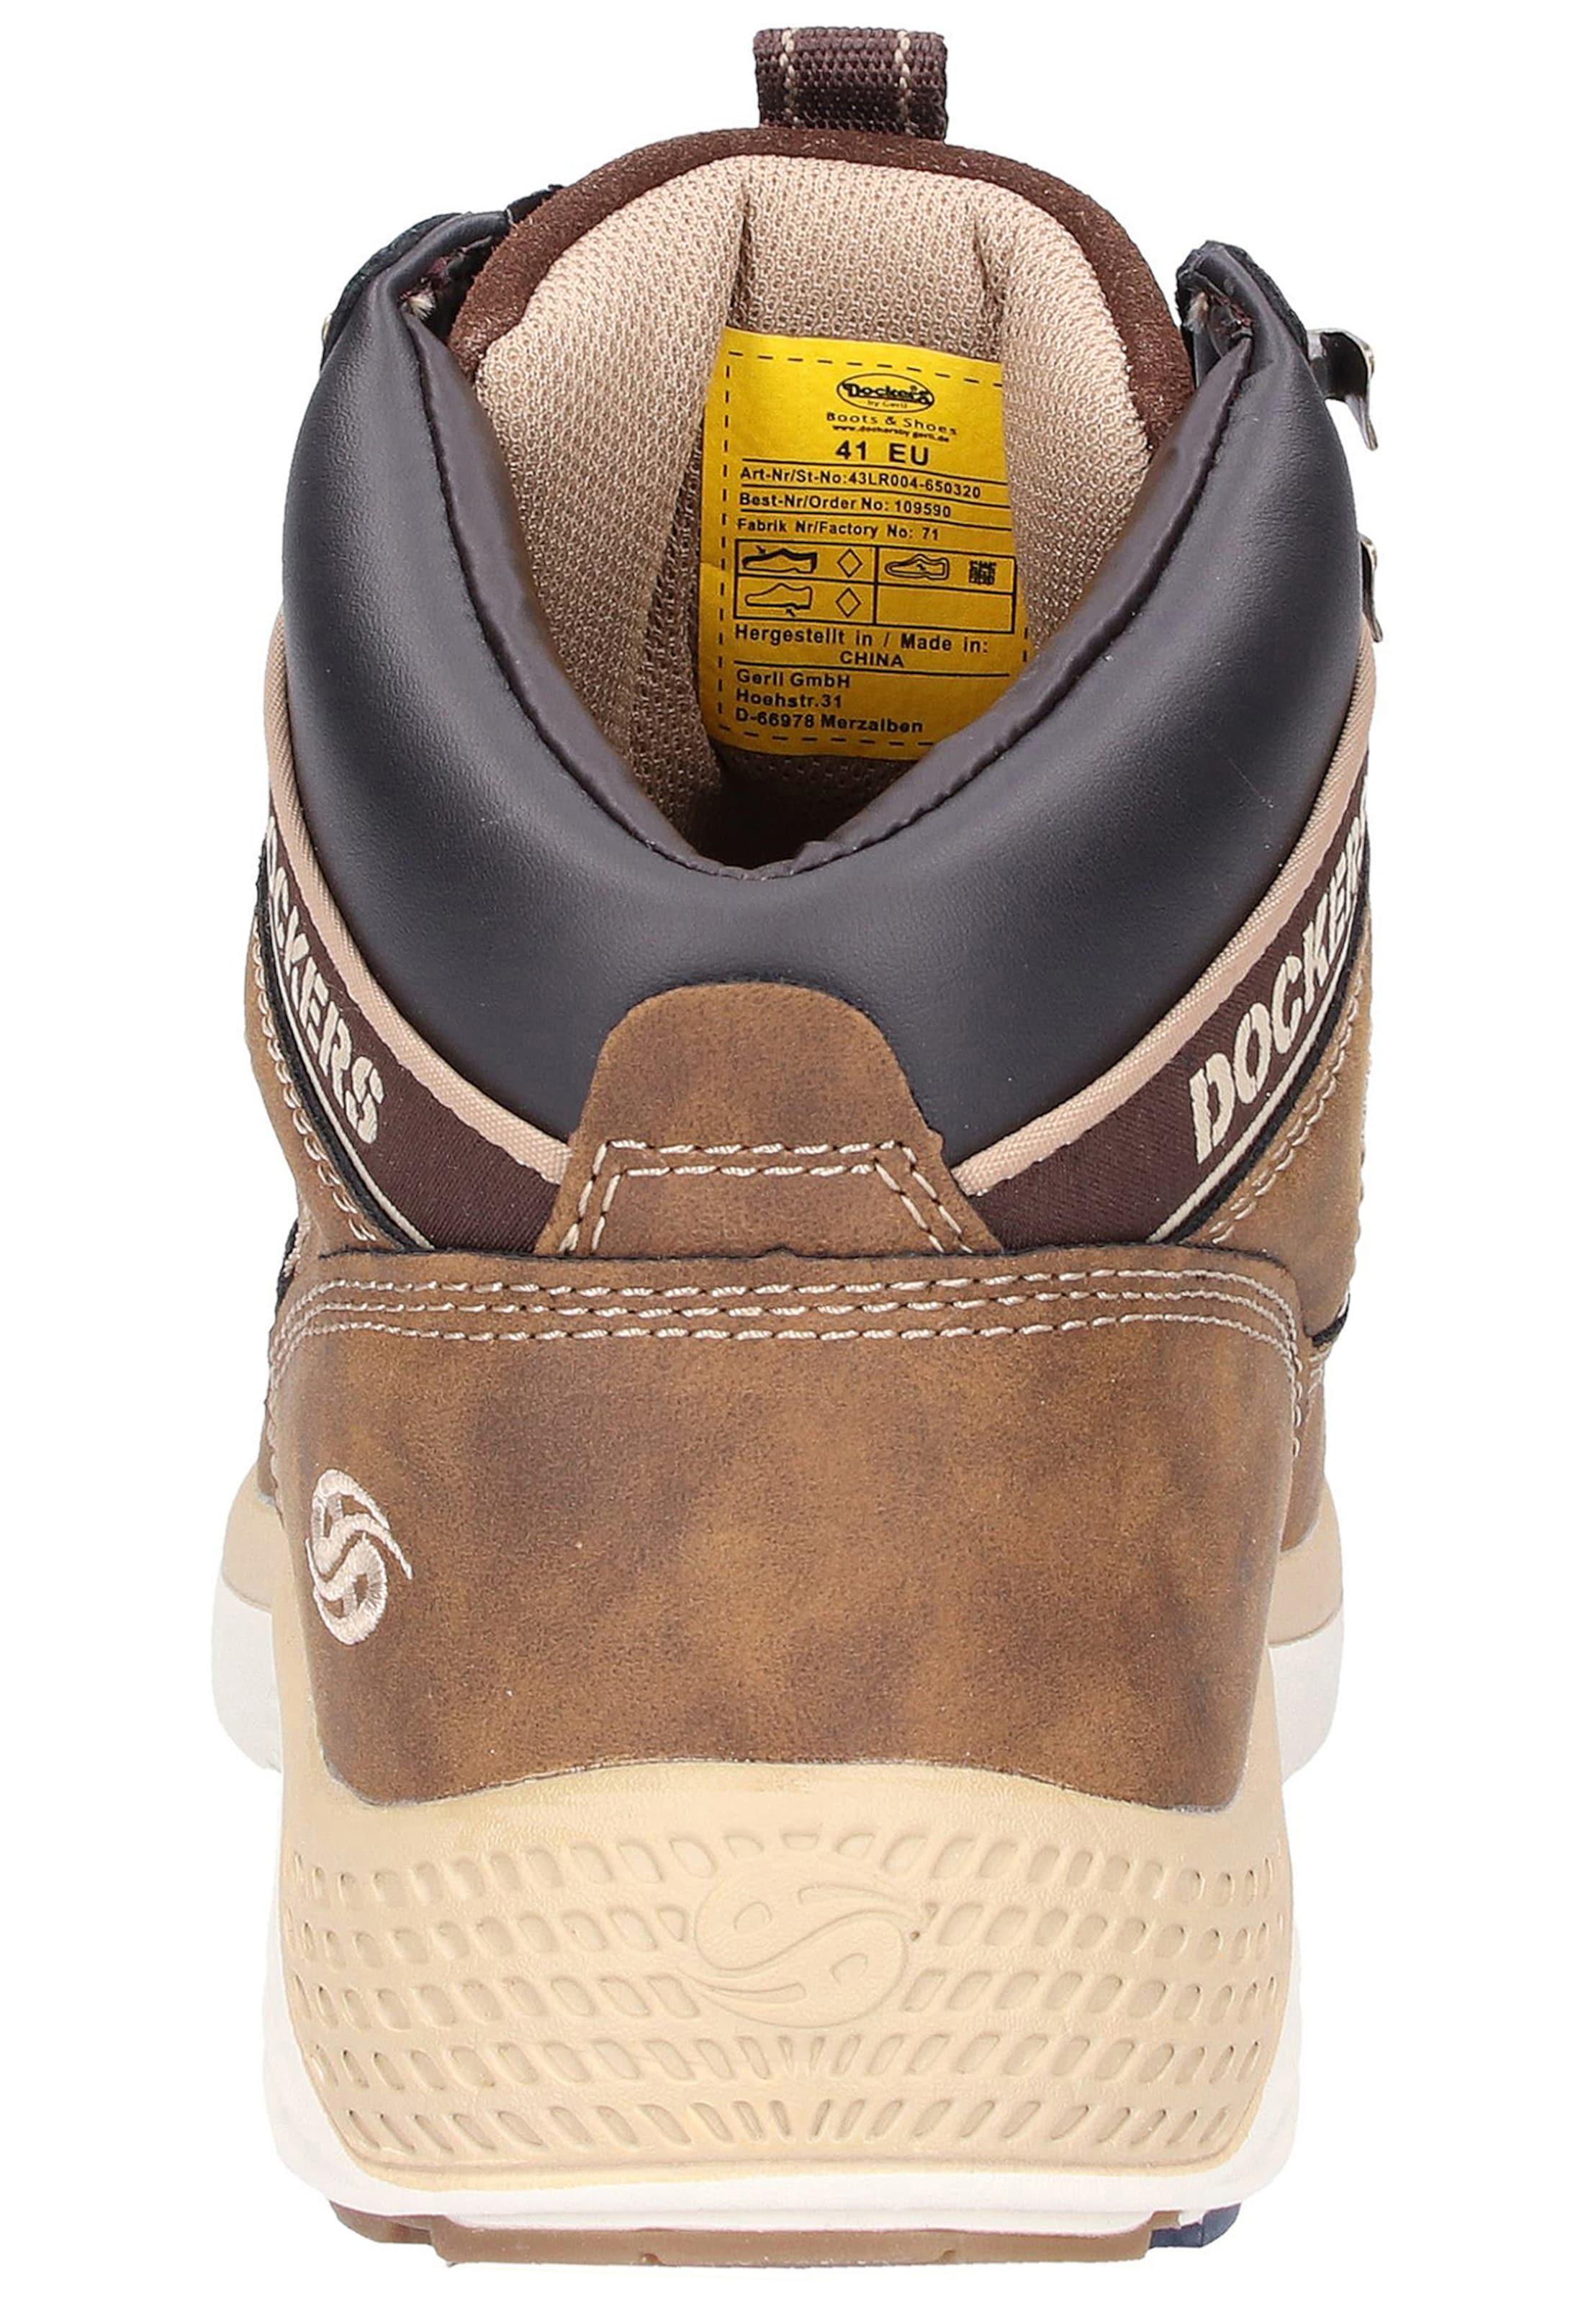 Dockers Sneaker By Braun In Gerli 4RqAc3j5L